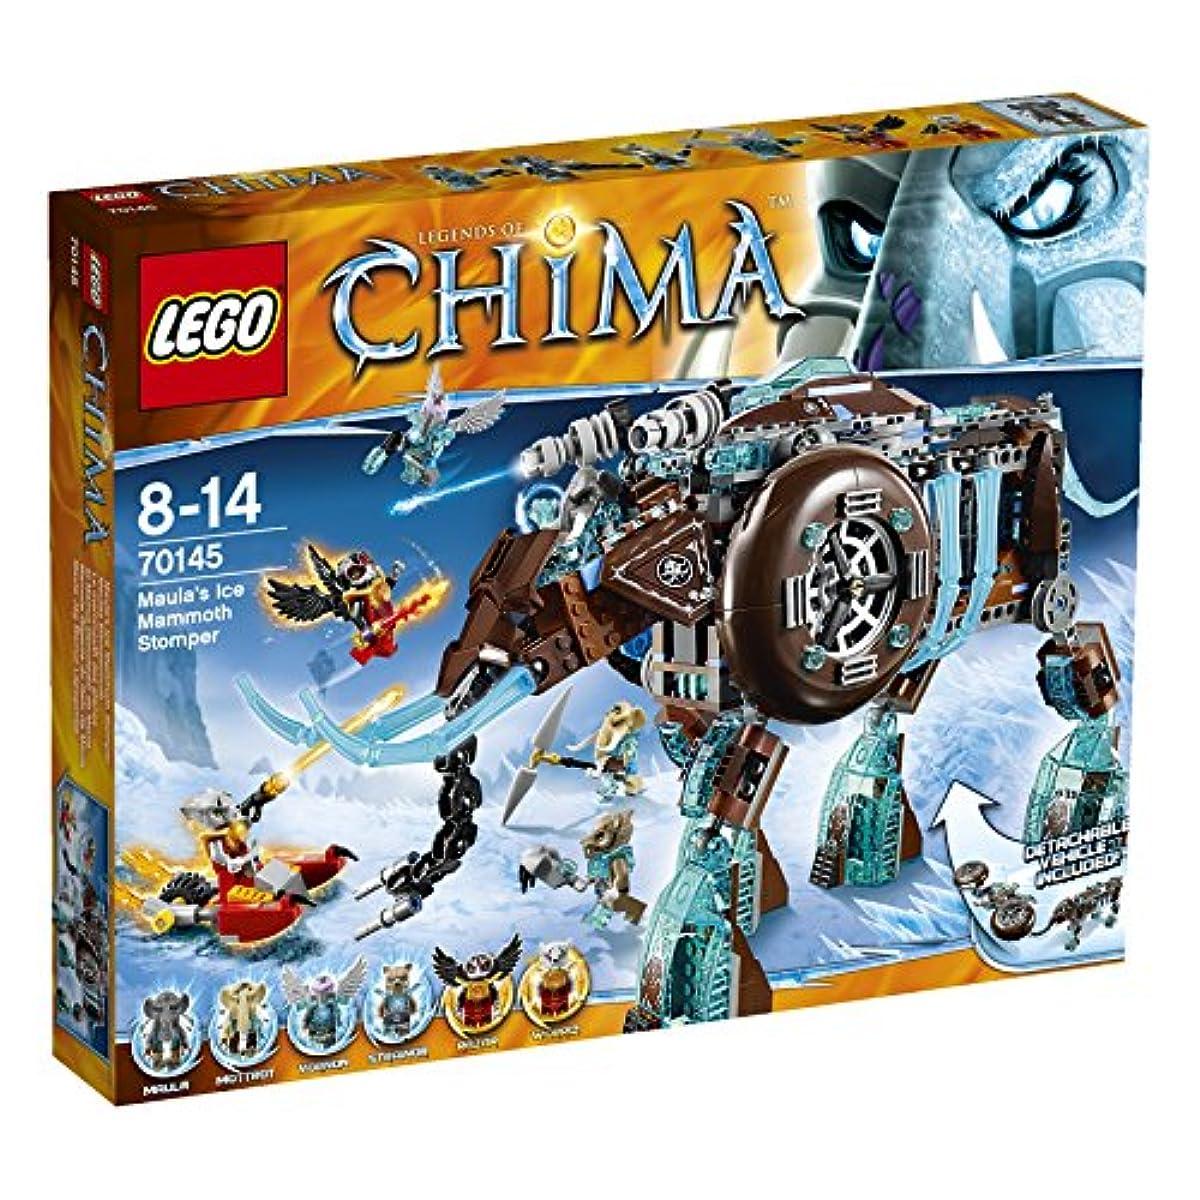 [해외] 레고 (LEGO) 찌마 마우라의 아이스맘모스 70145-70145 (2014-07-04)